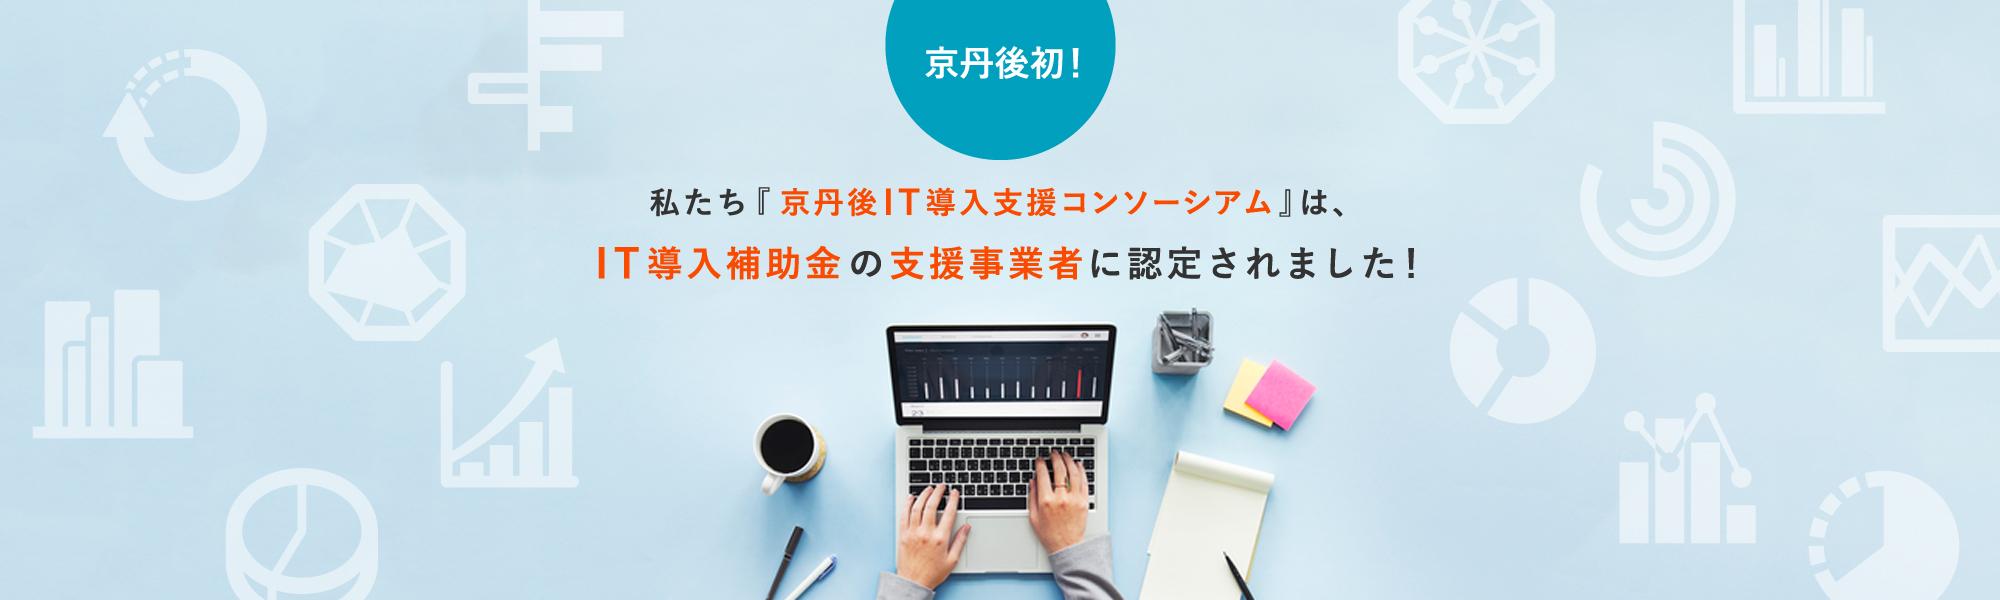 京丹後IT導入支援コンソーシアム